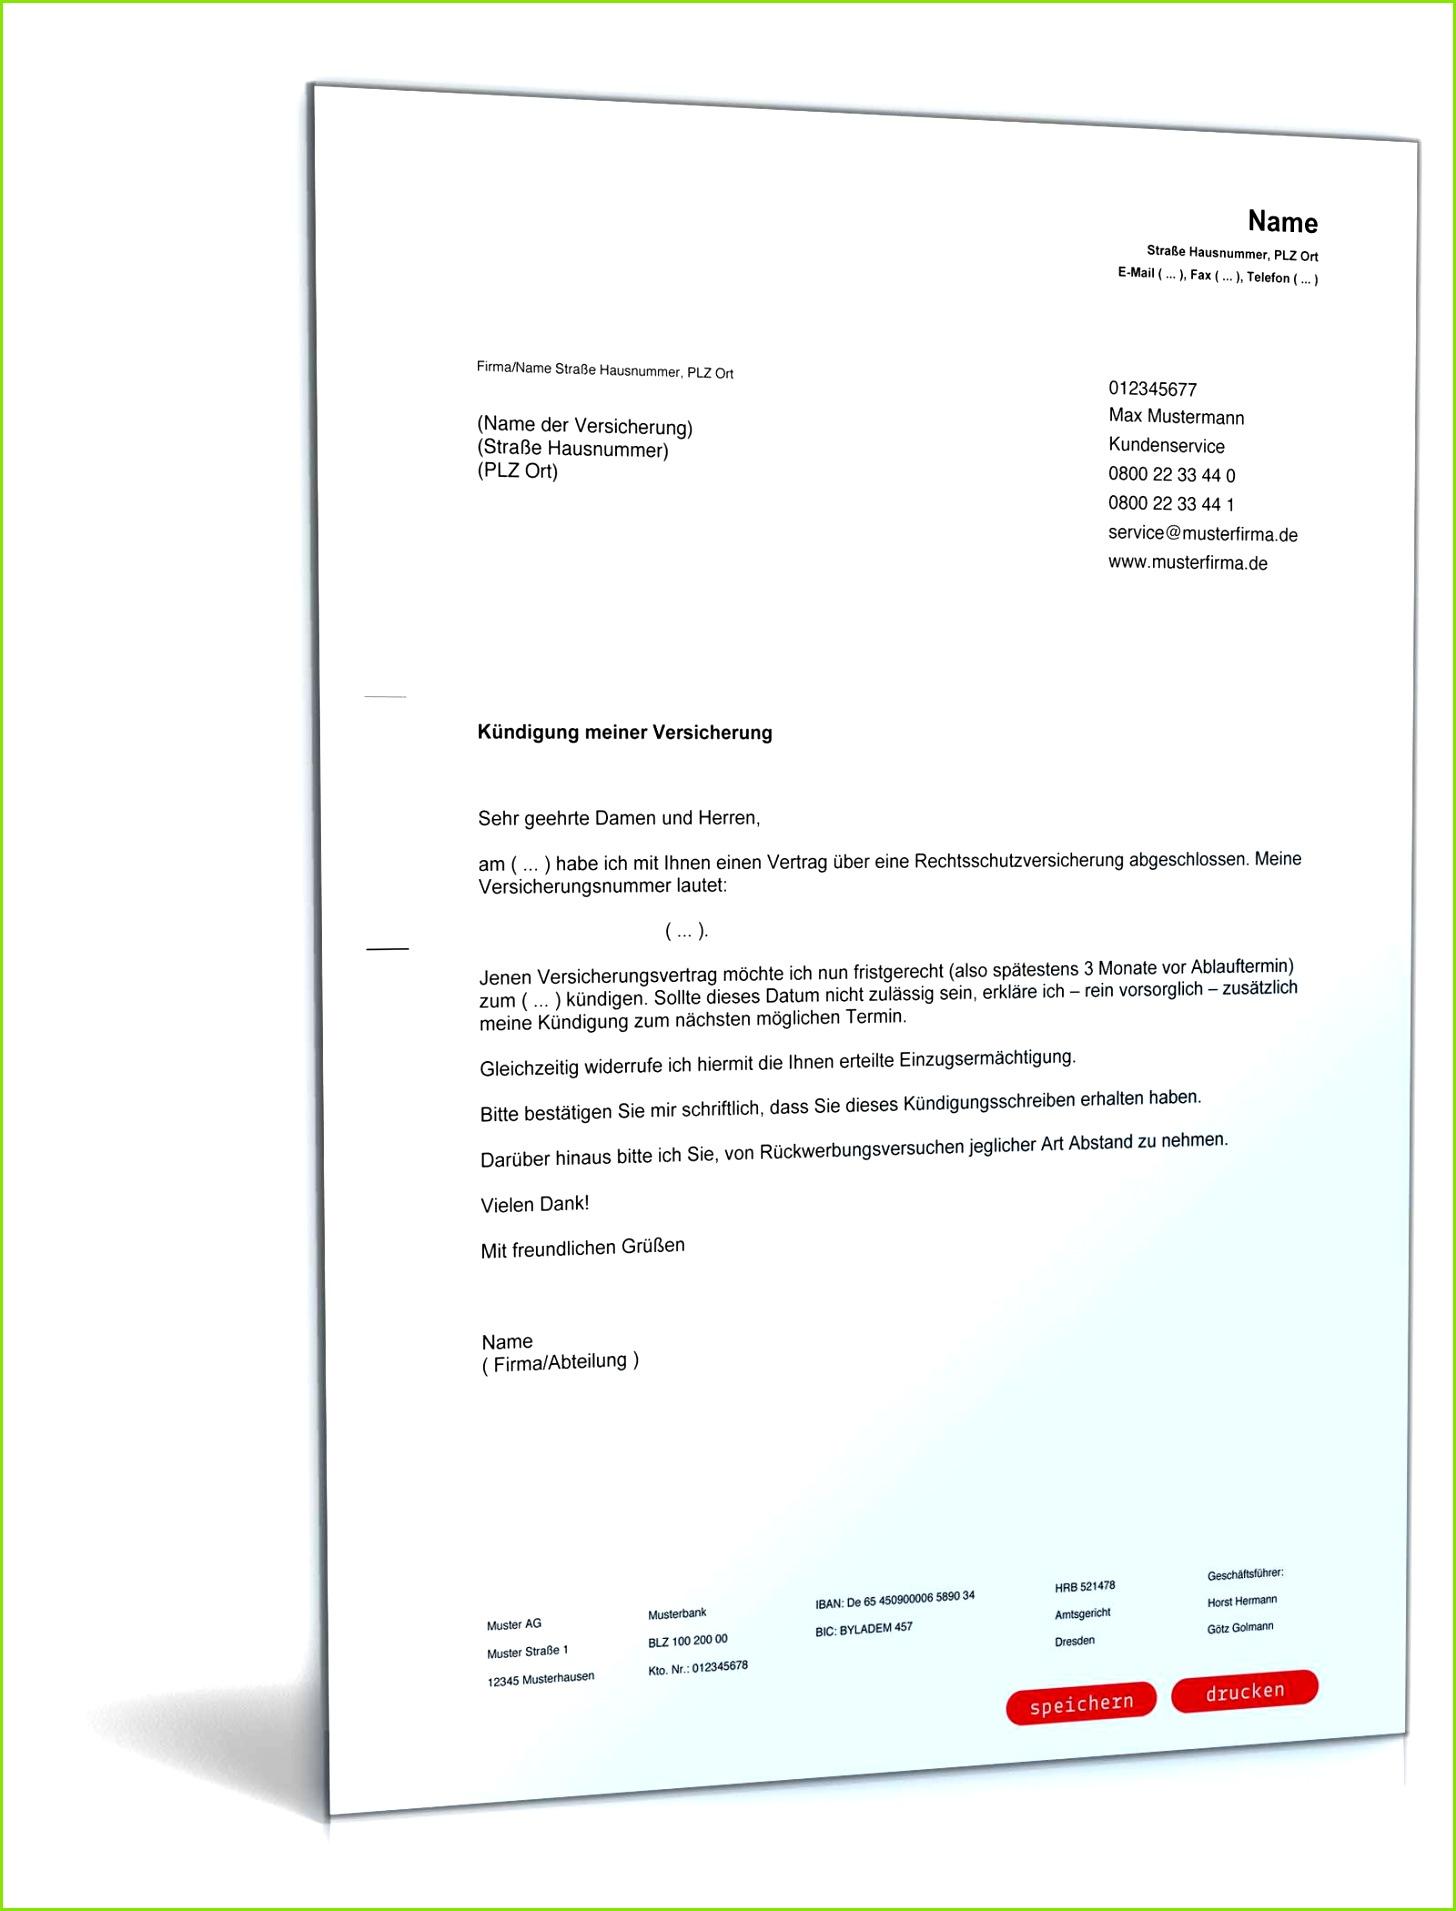 Vorlagen · Kündigungsschreiben Kündigung Rechtsschutzversicherung Kündigung Rechtsschutzversicherung